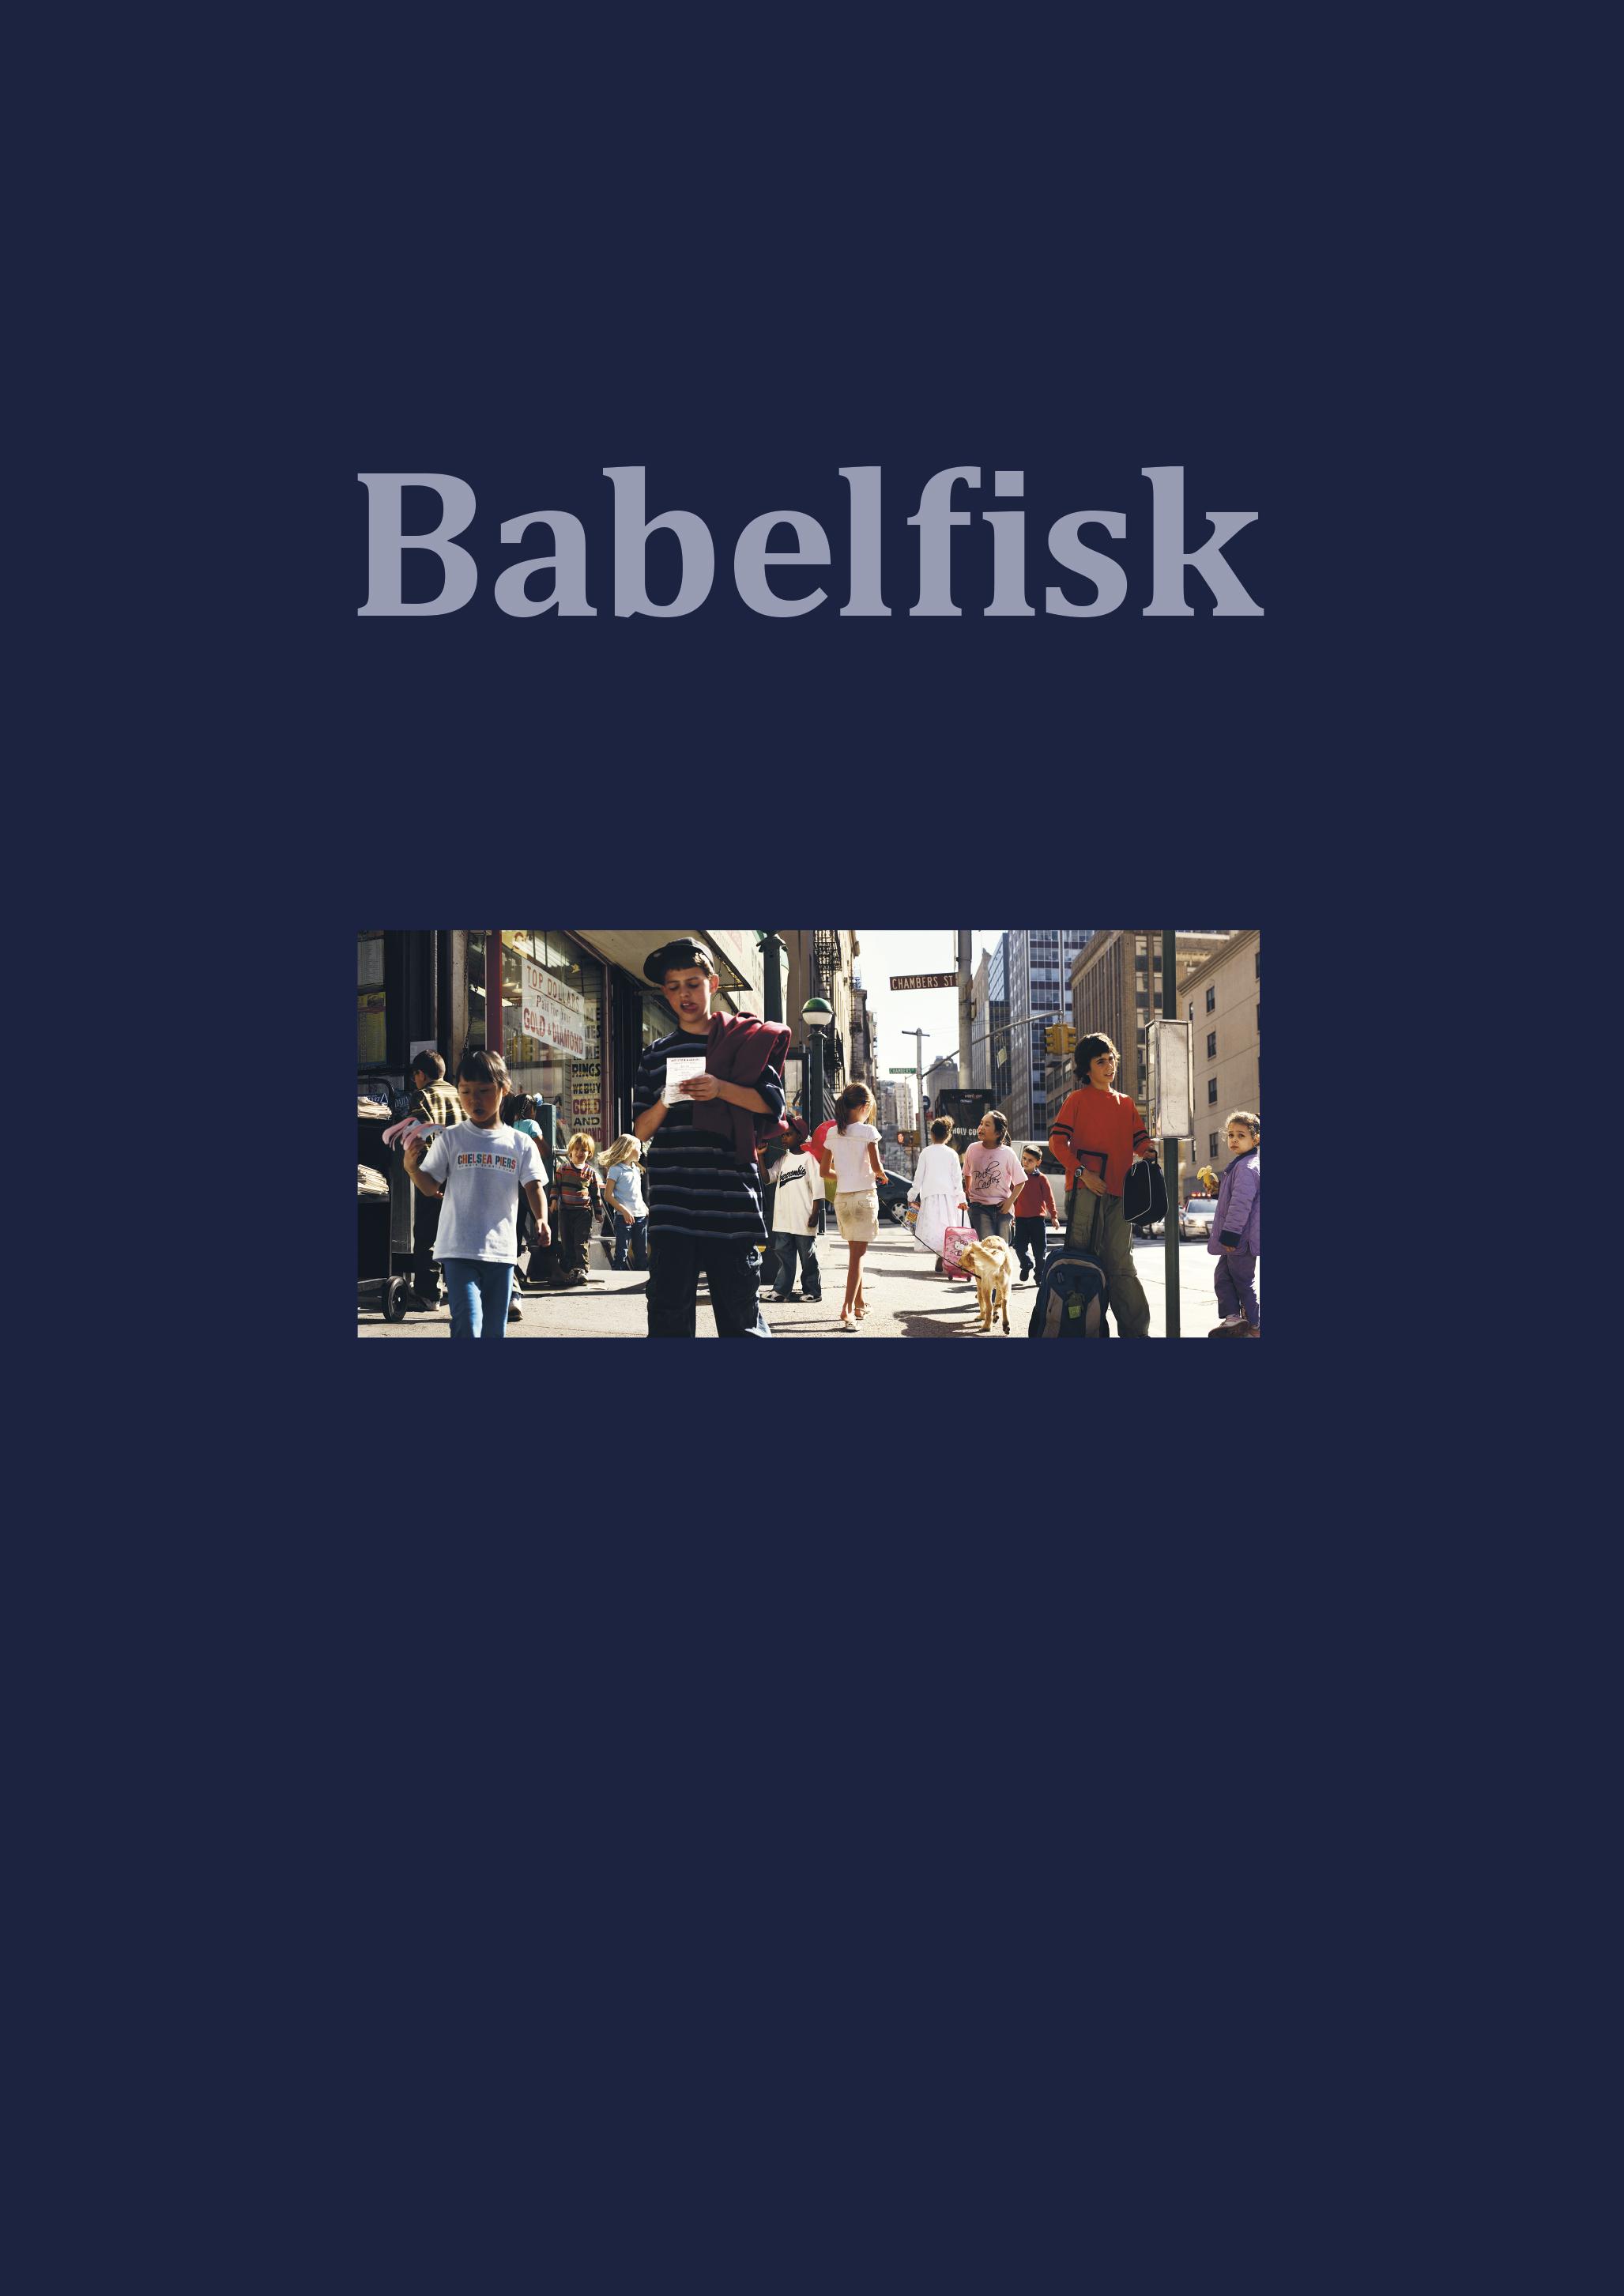 Babelfisk